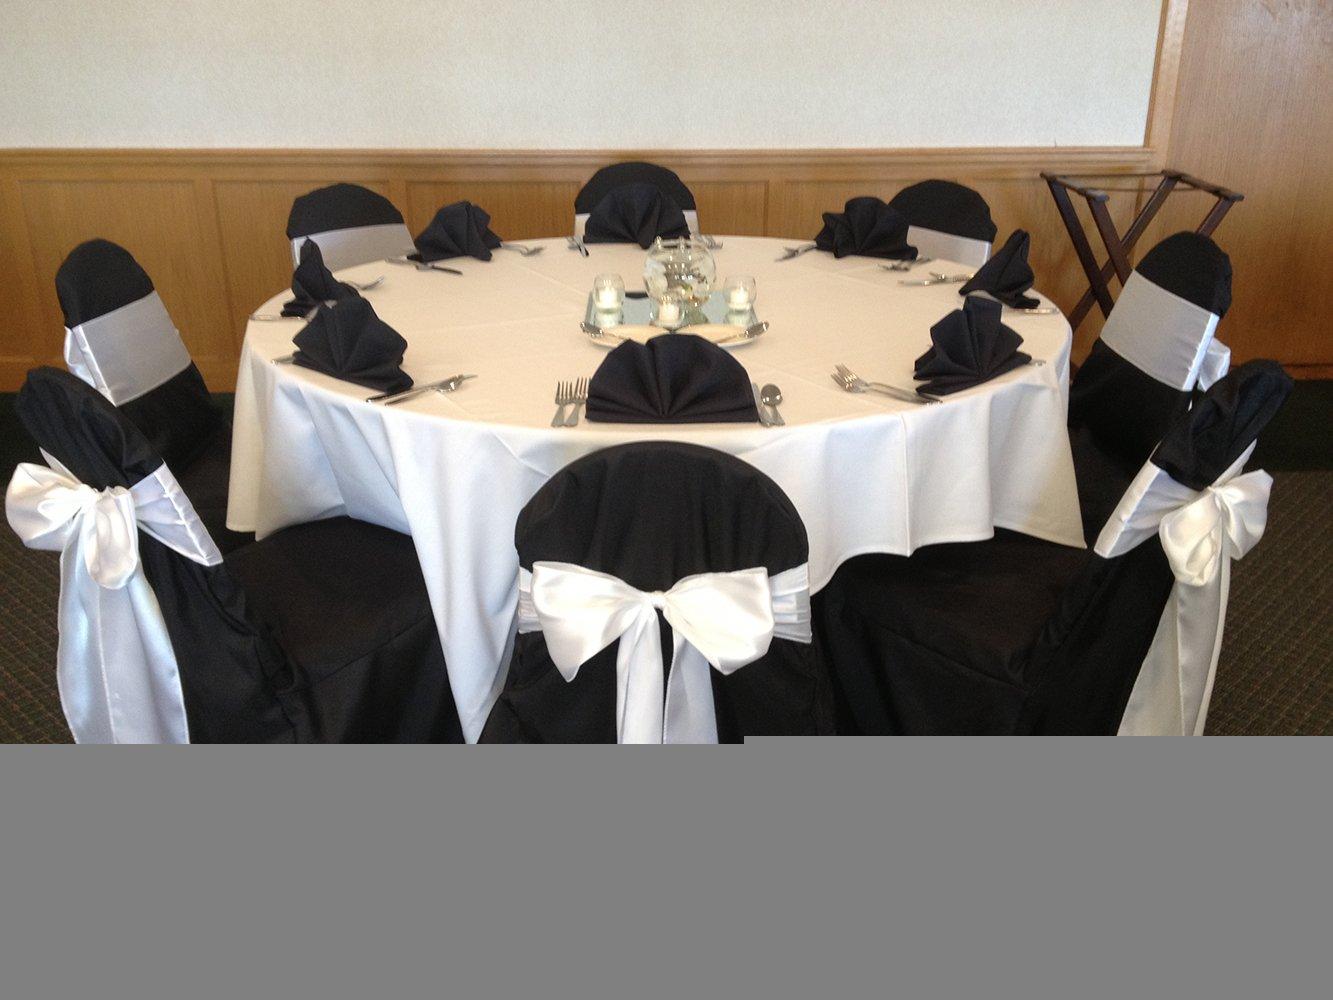 Satin Table Runner Black Pack of 10 12x108 Satin Table Linens for Baby Shower